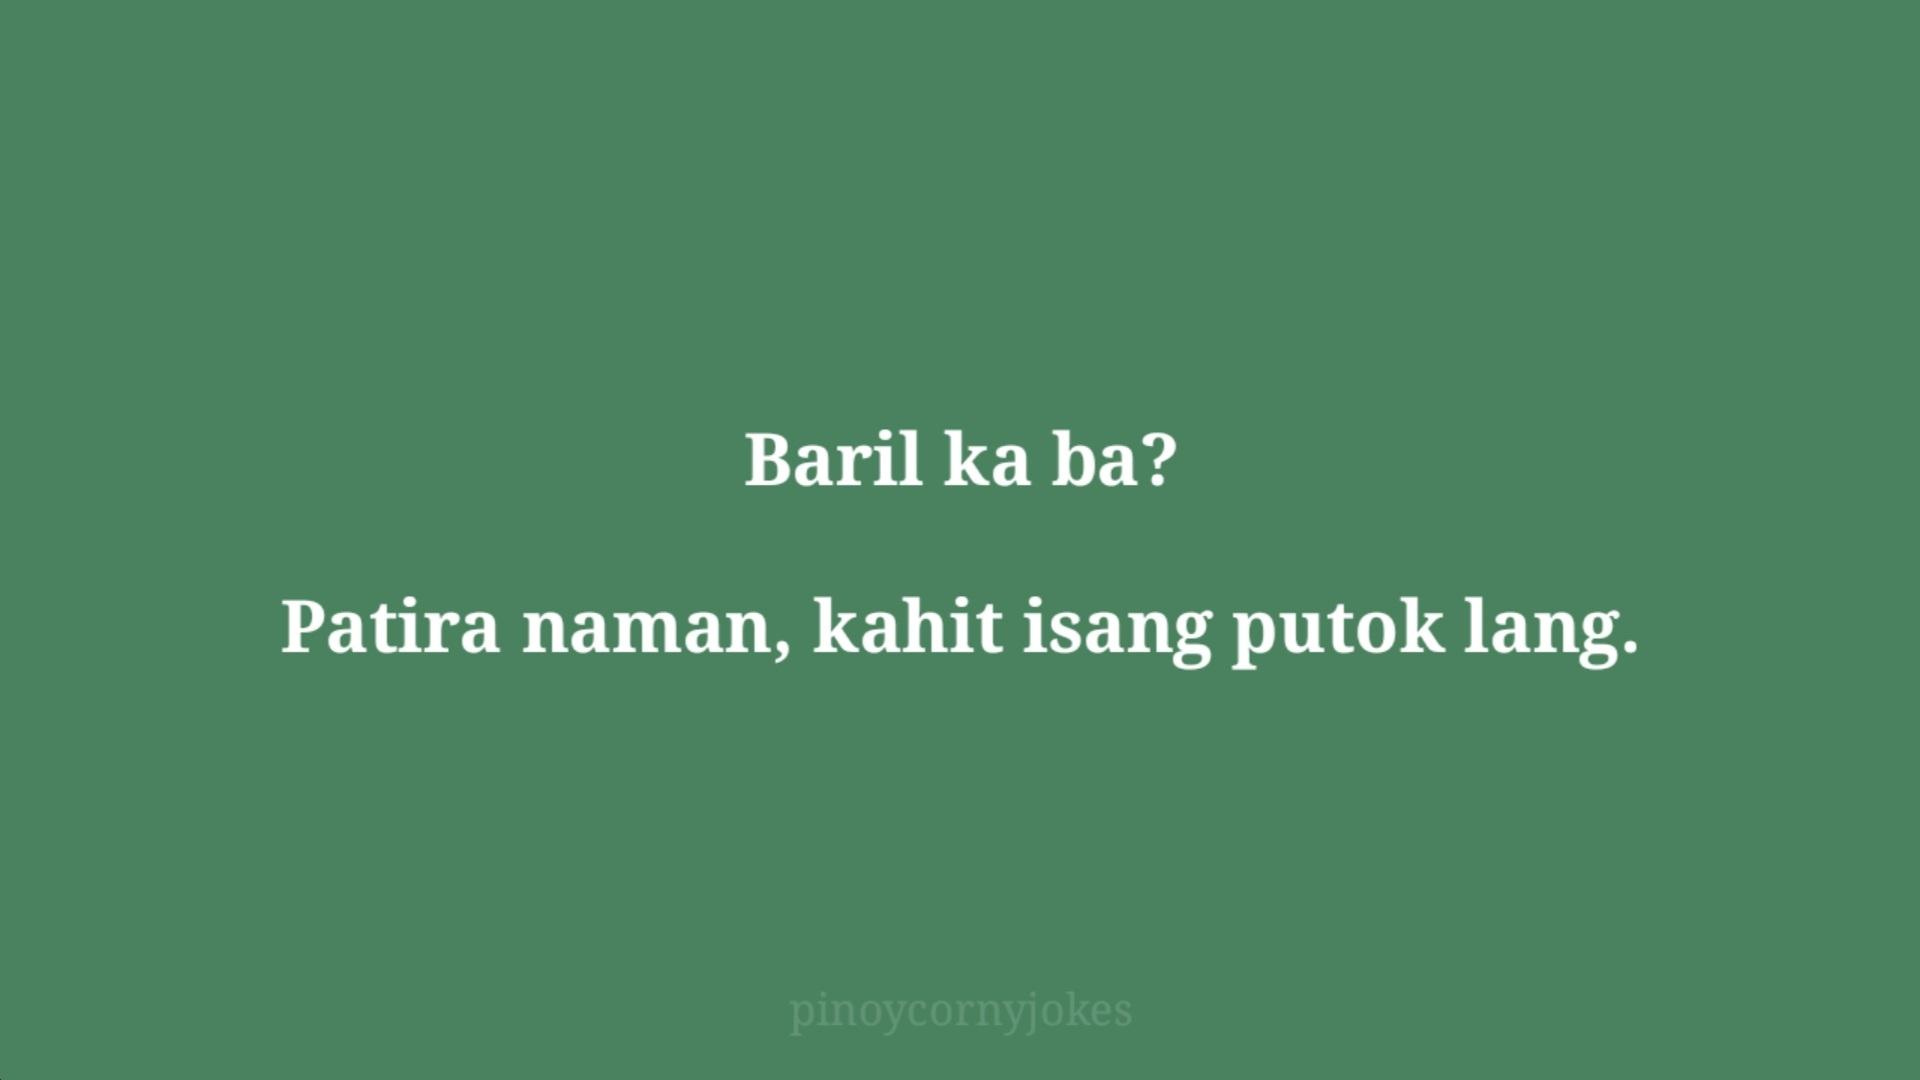 baril green tagalog jokes